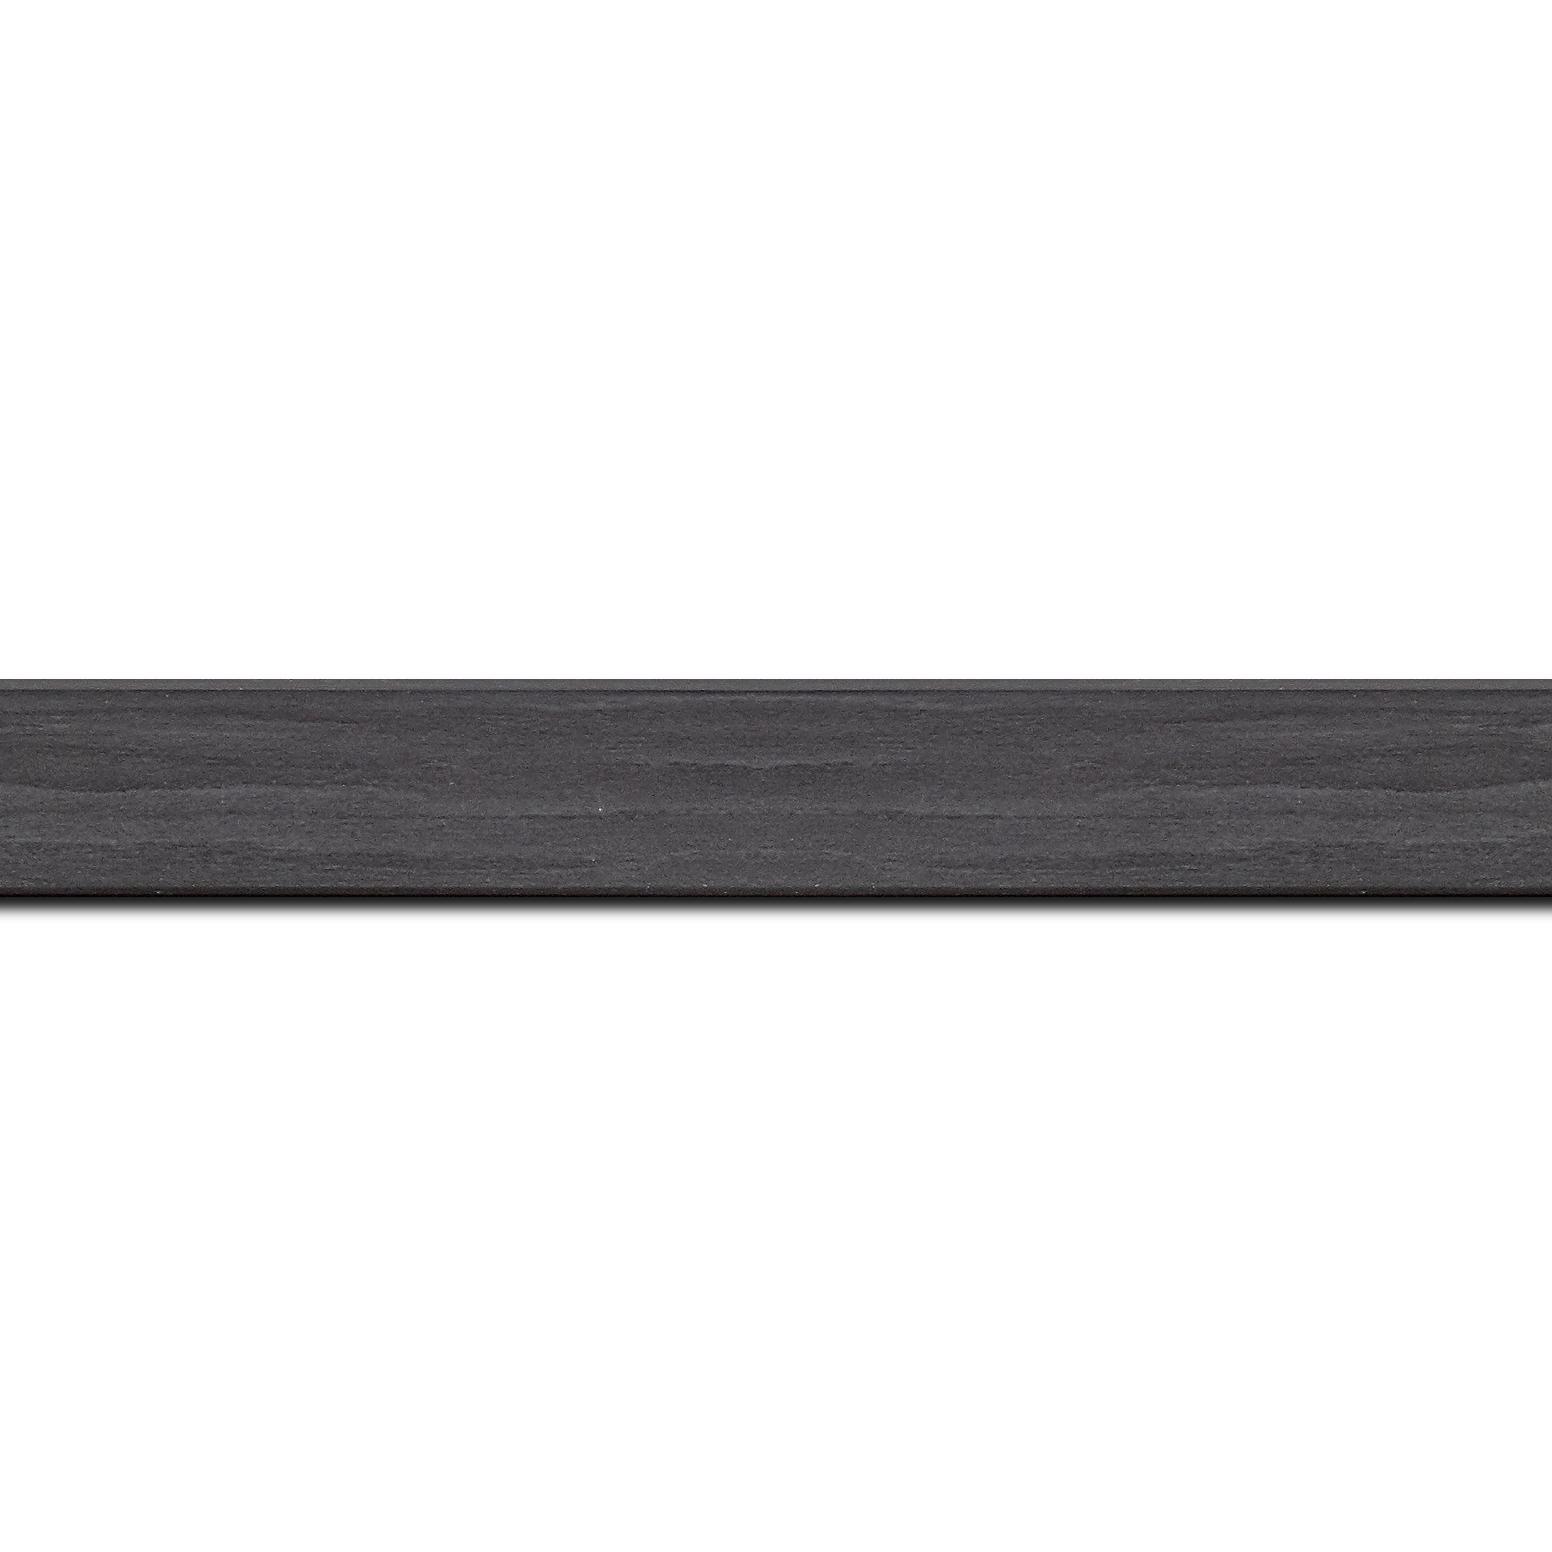 Baguette longueur 1.40m bois profil plat largeur 2cm décor bois noir ébène